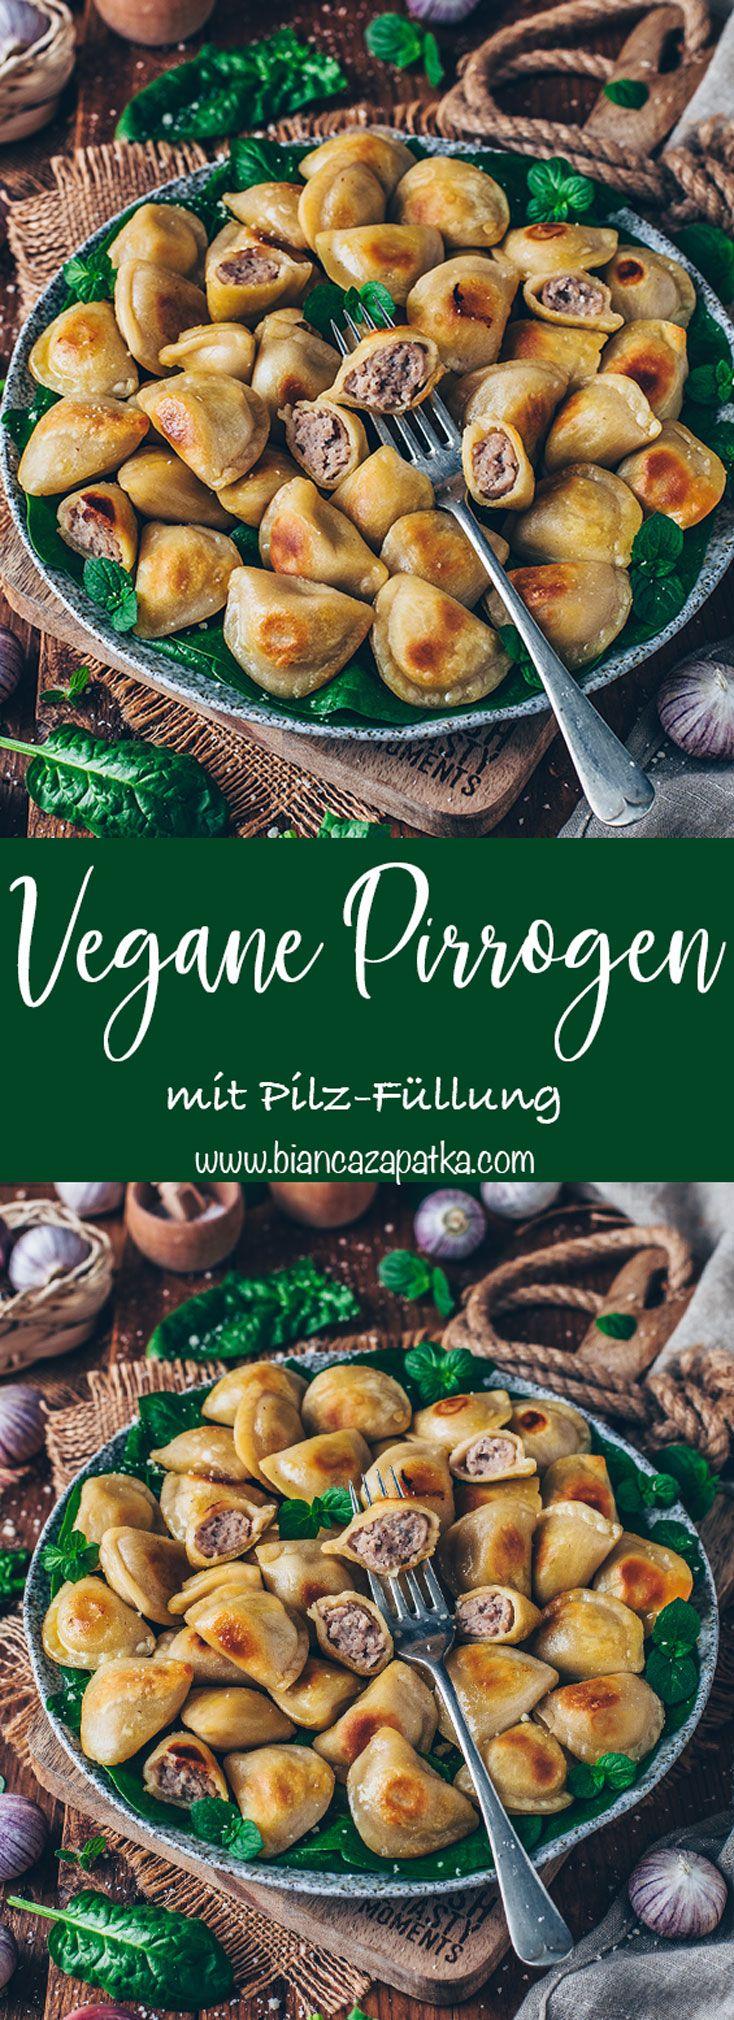 Vegane Piroggen mit Pilz-Füllung (Polnische Teigtaschen)